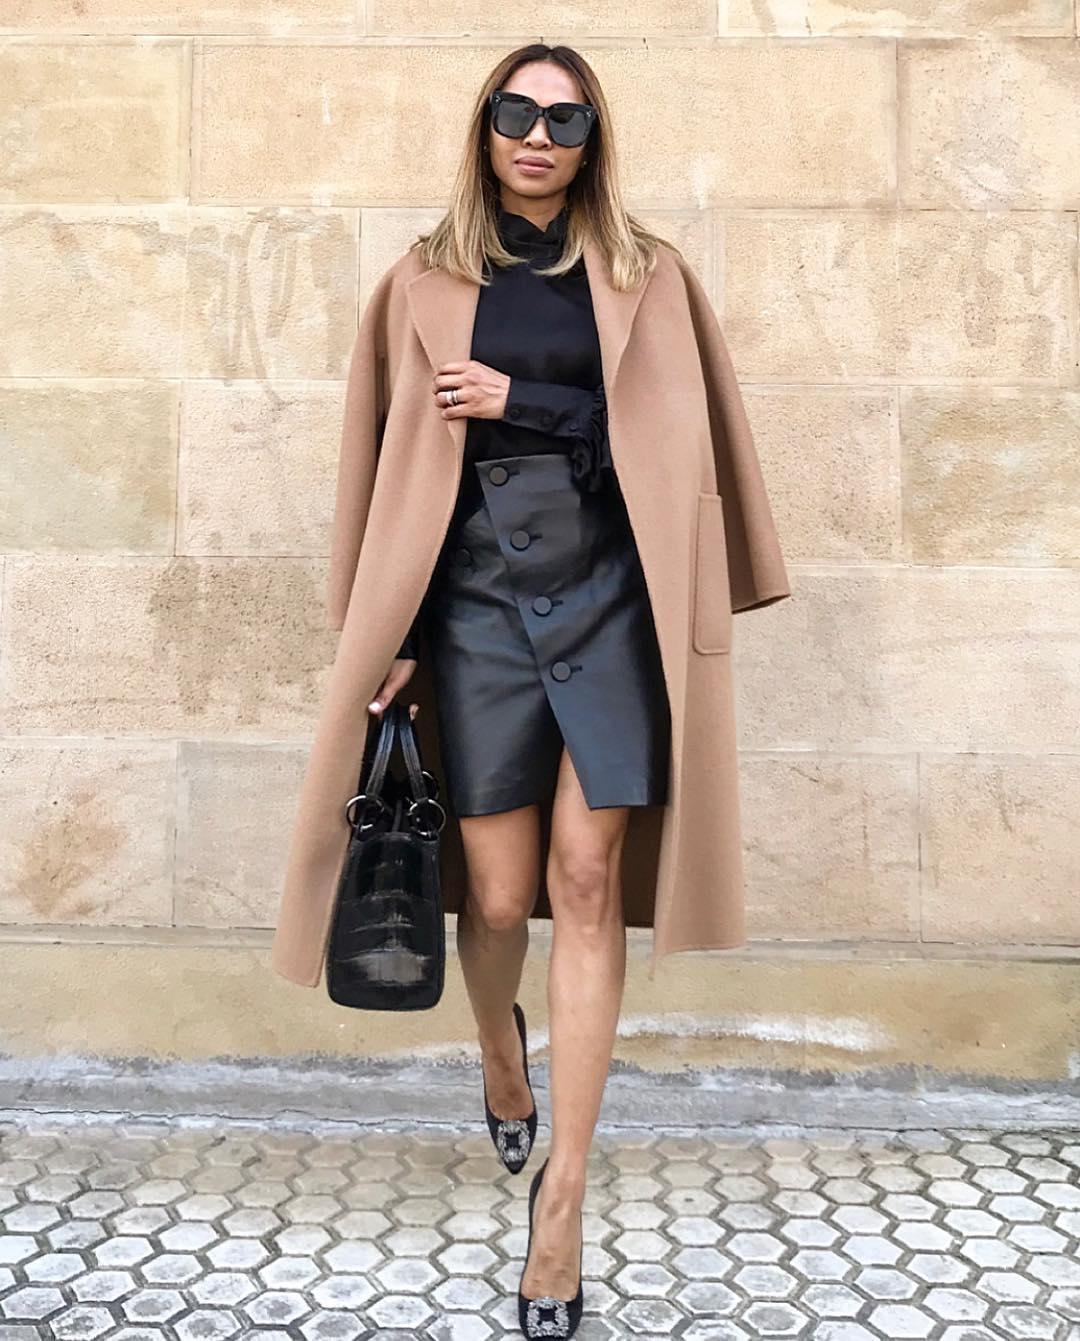 модные образы для деловых женщин осени 2019 фото 10